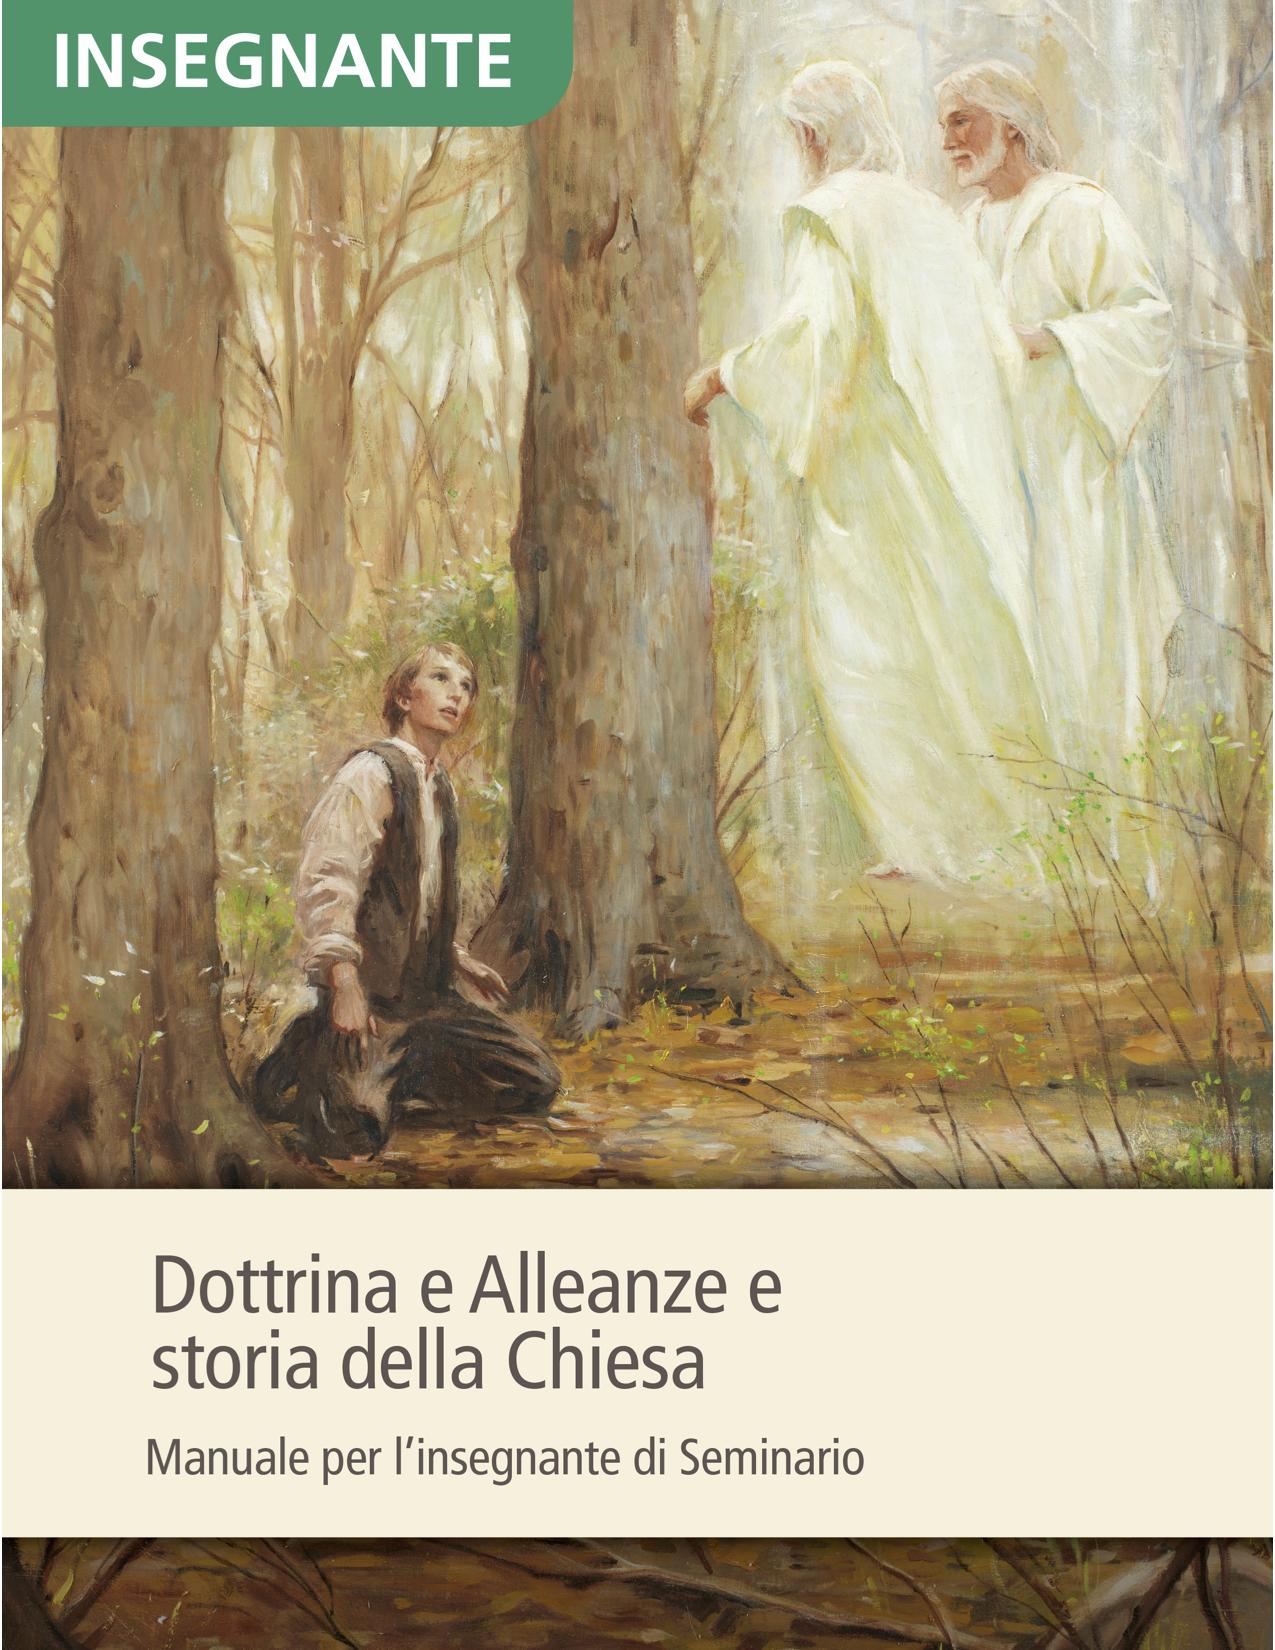 Dottrina e Alleanze e storia della Chiesa – Manuale per l'insegnante di Seminario